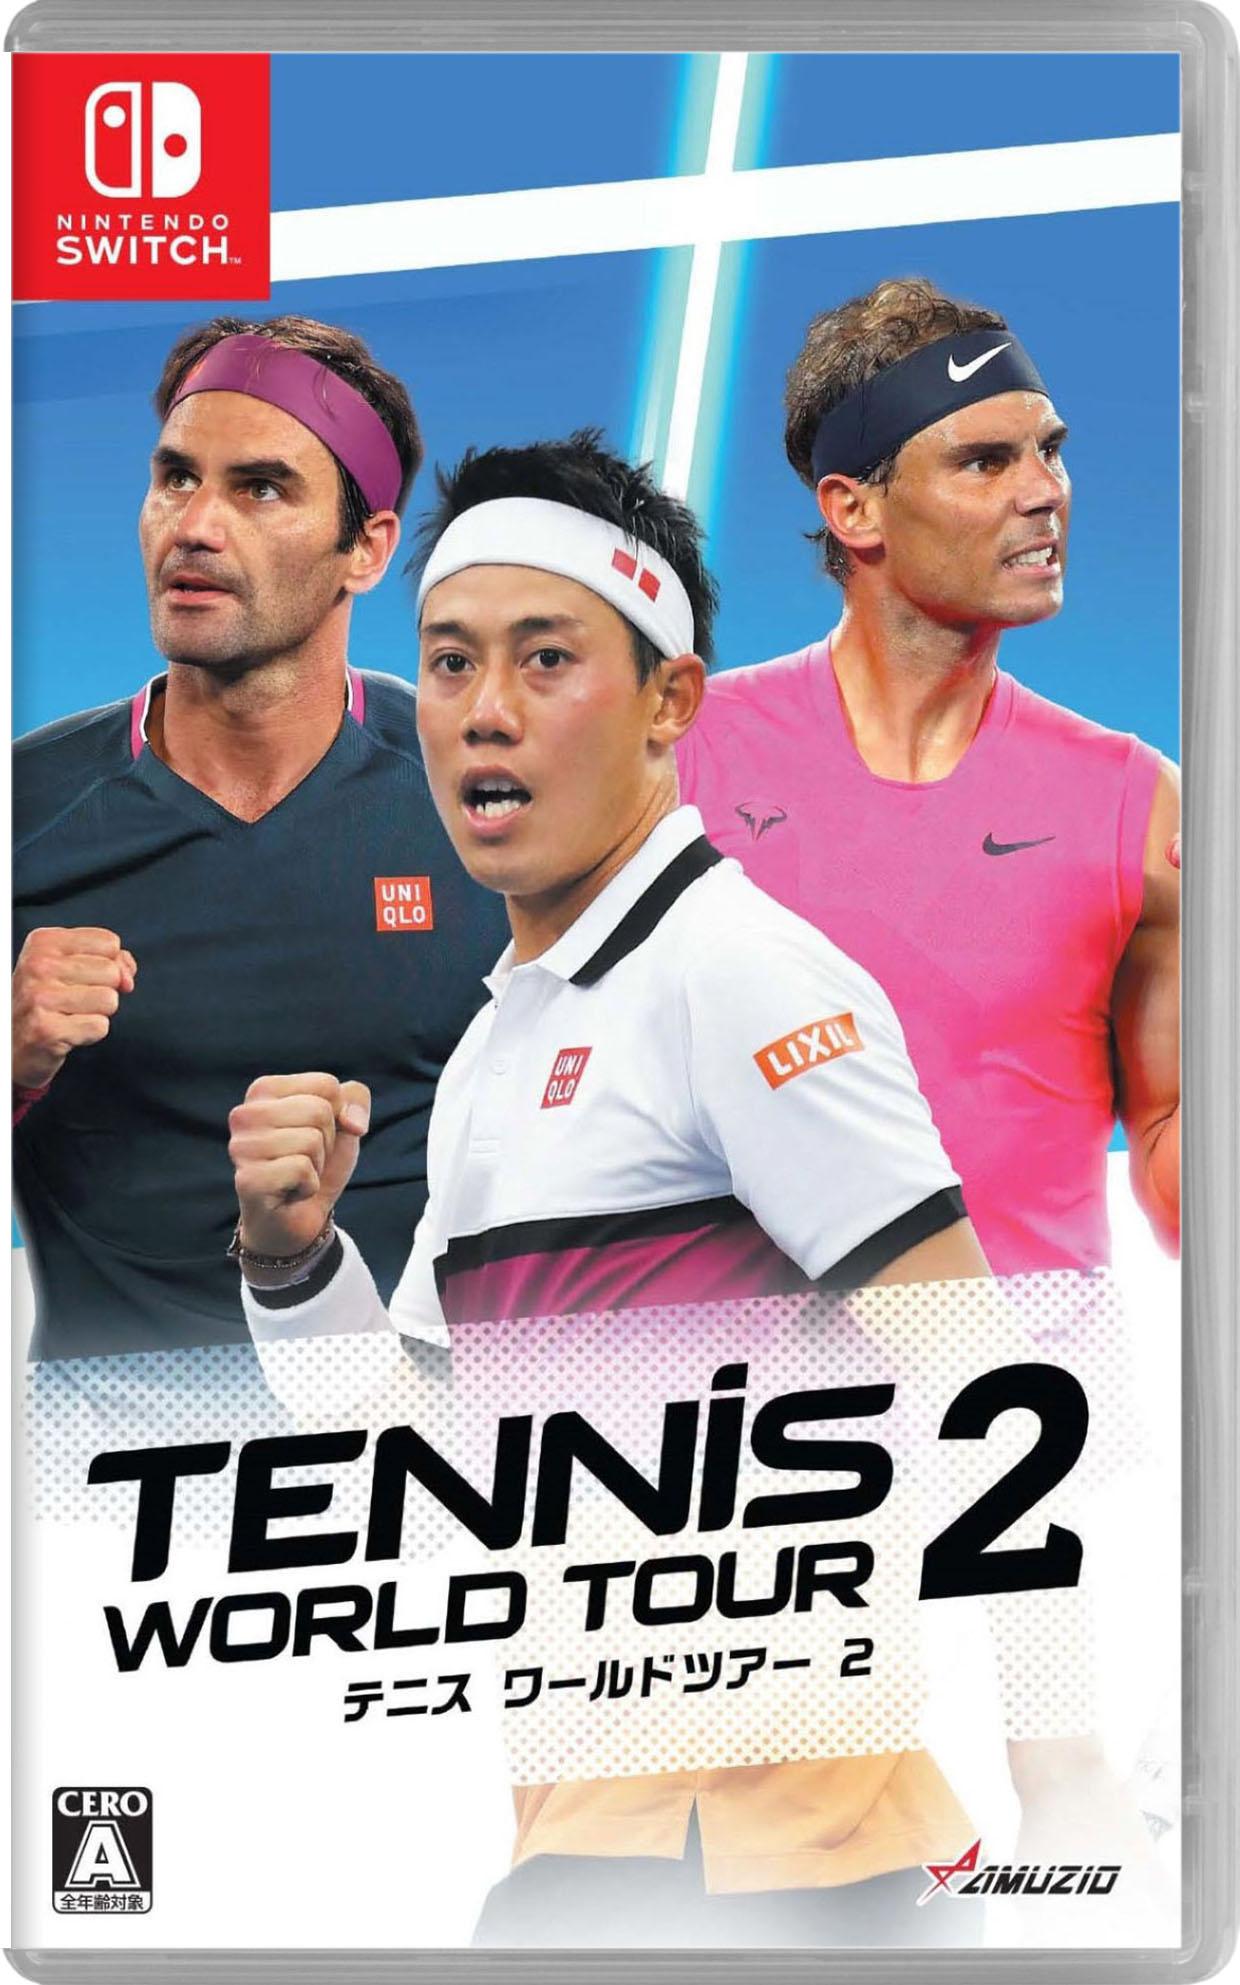 3980円以上で送料無料 新作 人気 中古 テニス ワールドツアー 2ソフト:ニンテンドーSwitchソフト ゲーム スポーツ 人気海外一番